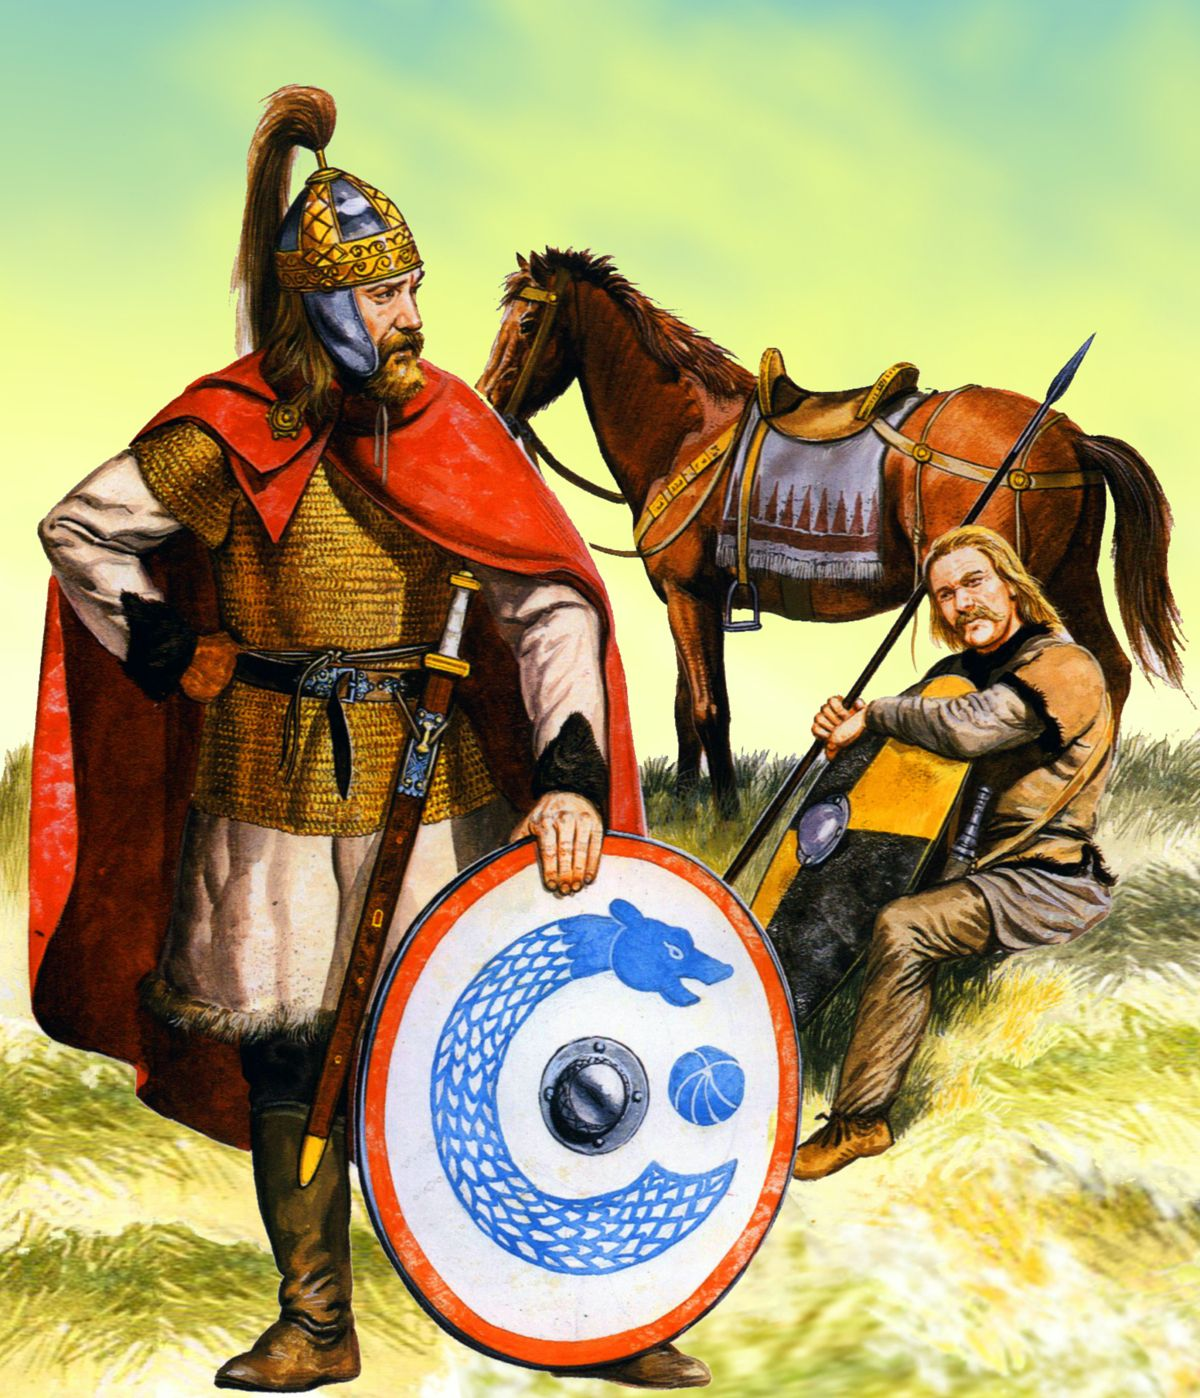 воины франки картинки высказалась разнице